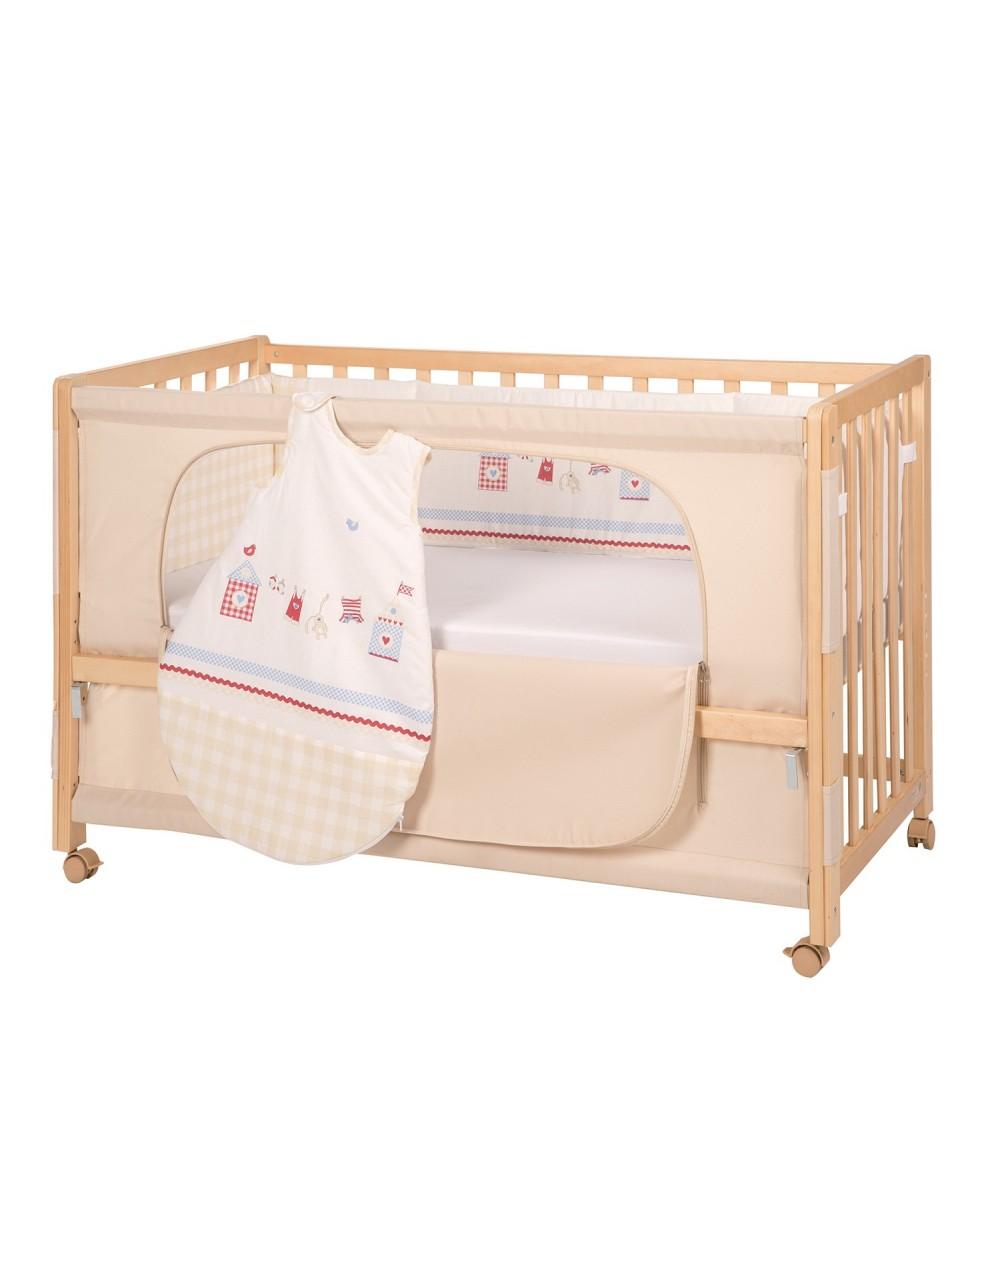 Lit bébé Co-Sleeping Roba 9c56ec0e76a5